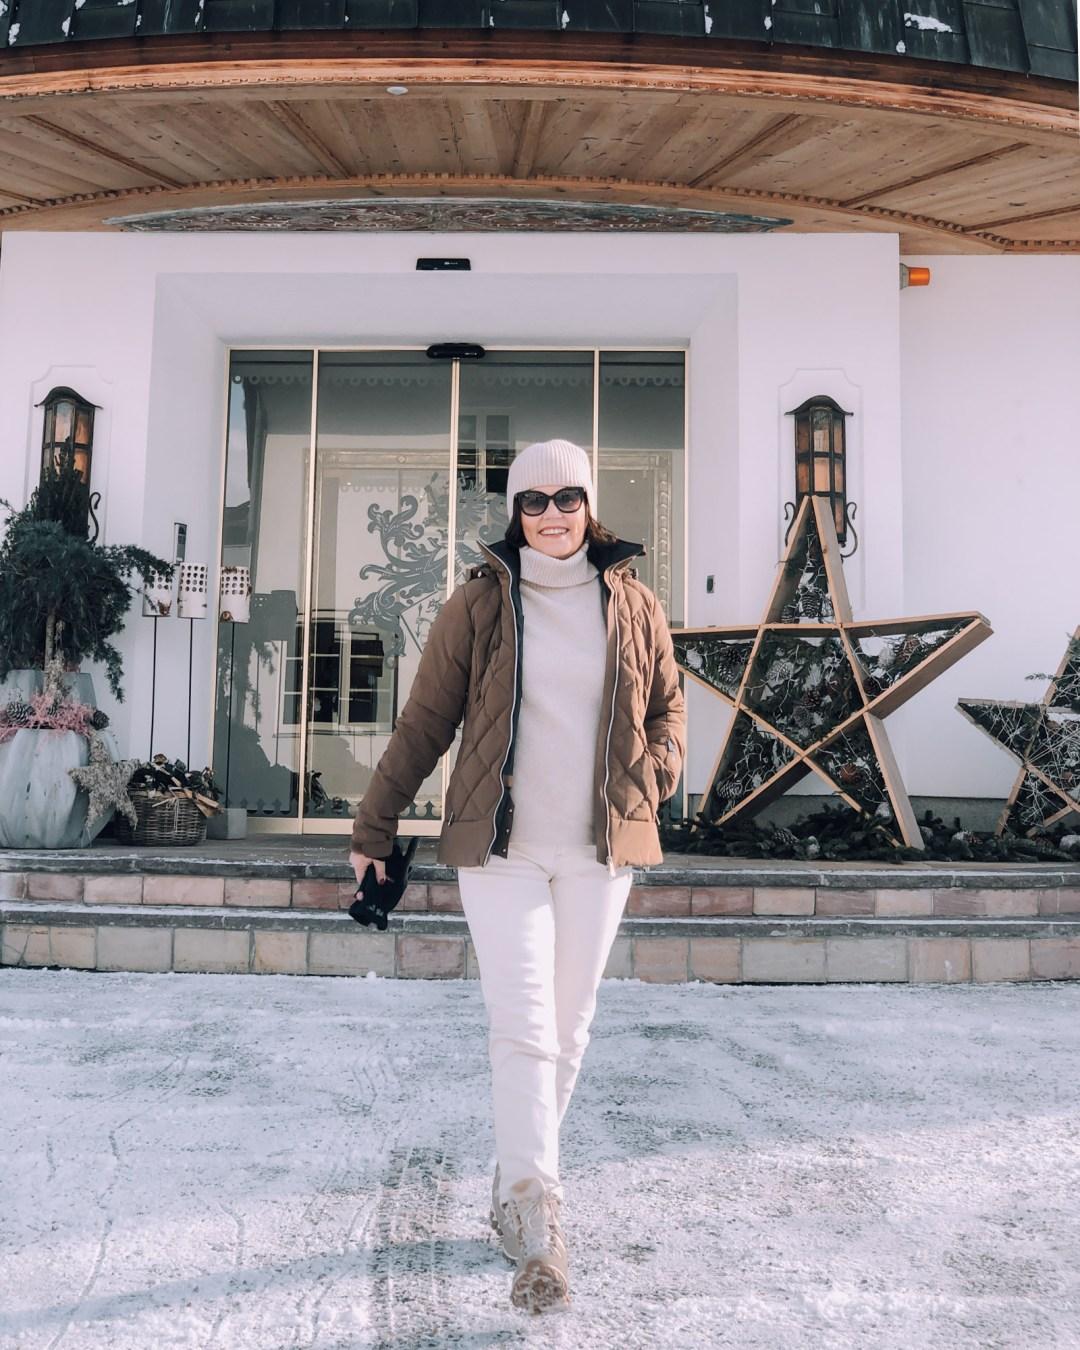 Inastil, Juffing, Hinterthiersee, Wellnesshotel, Spa, Tirol, Winterurlaub, Wellnessurlaub, Winterwonderland, Kurzurlaub, Auszeit, Natur, Ü50Blogger, Reiseblogger,_-43